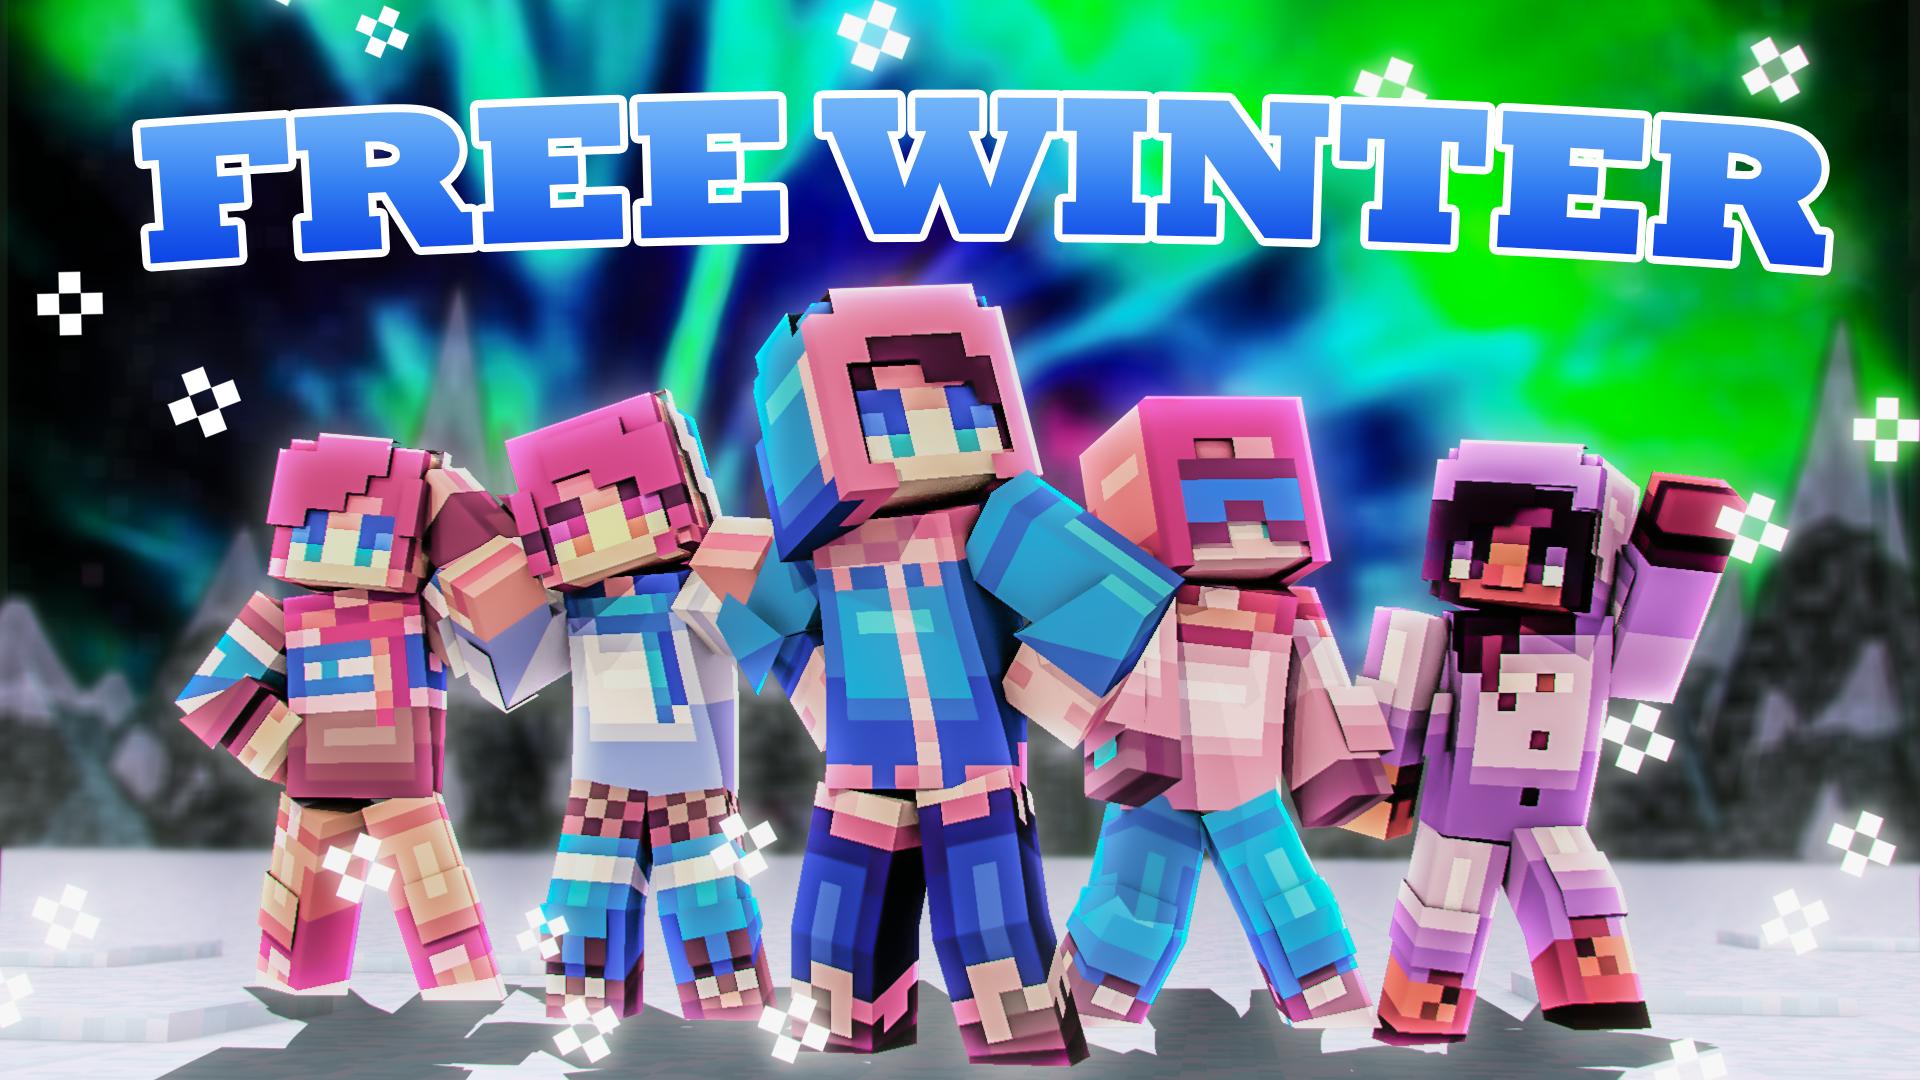 Free Winter  Minecraft Skin Pack  Minecraft art, Minecraft skin